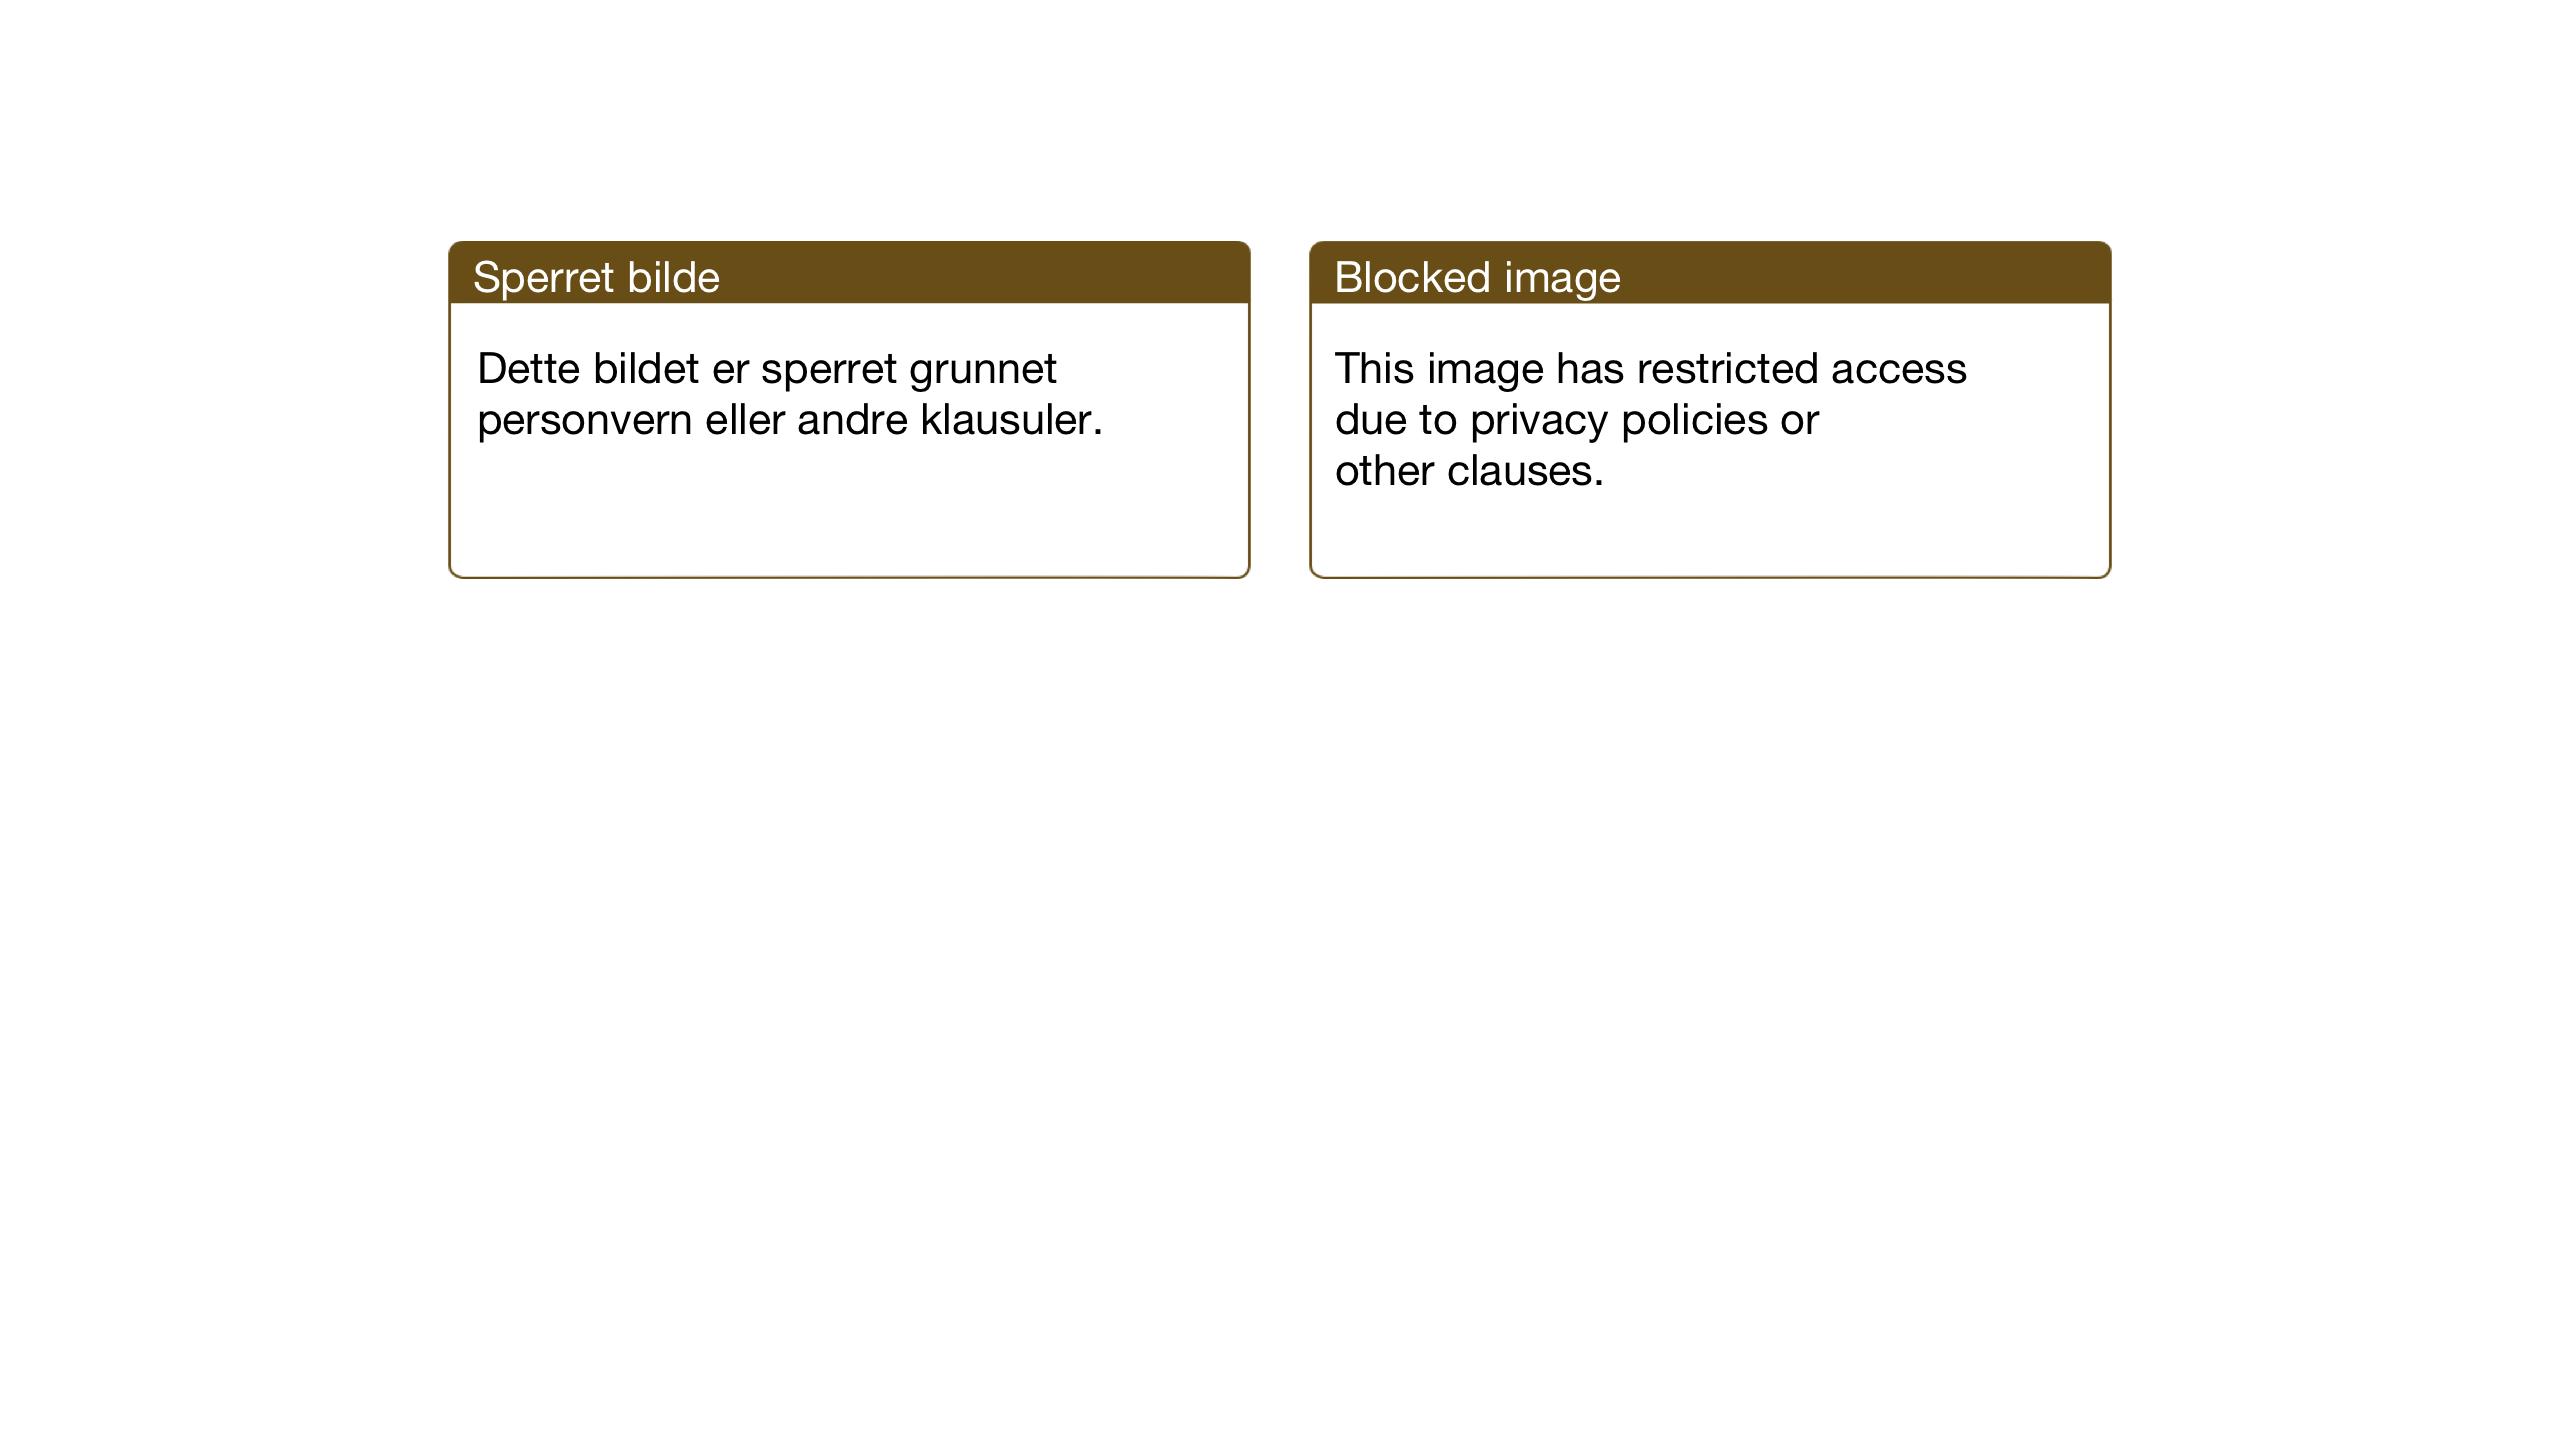 SAT, Ministerialprotokoller, klokkerbøker og fødselsregistre - Nord-Trøndelag, 755/L0500: Klokkerbok nr. 755C01, 1920-1962, s. 175